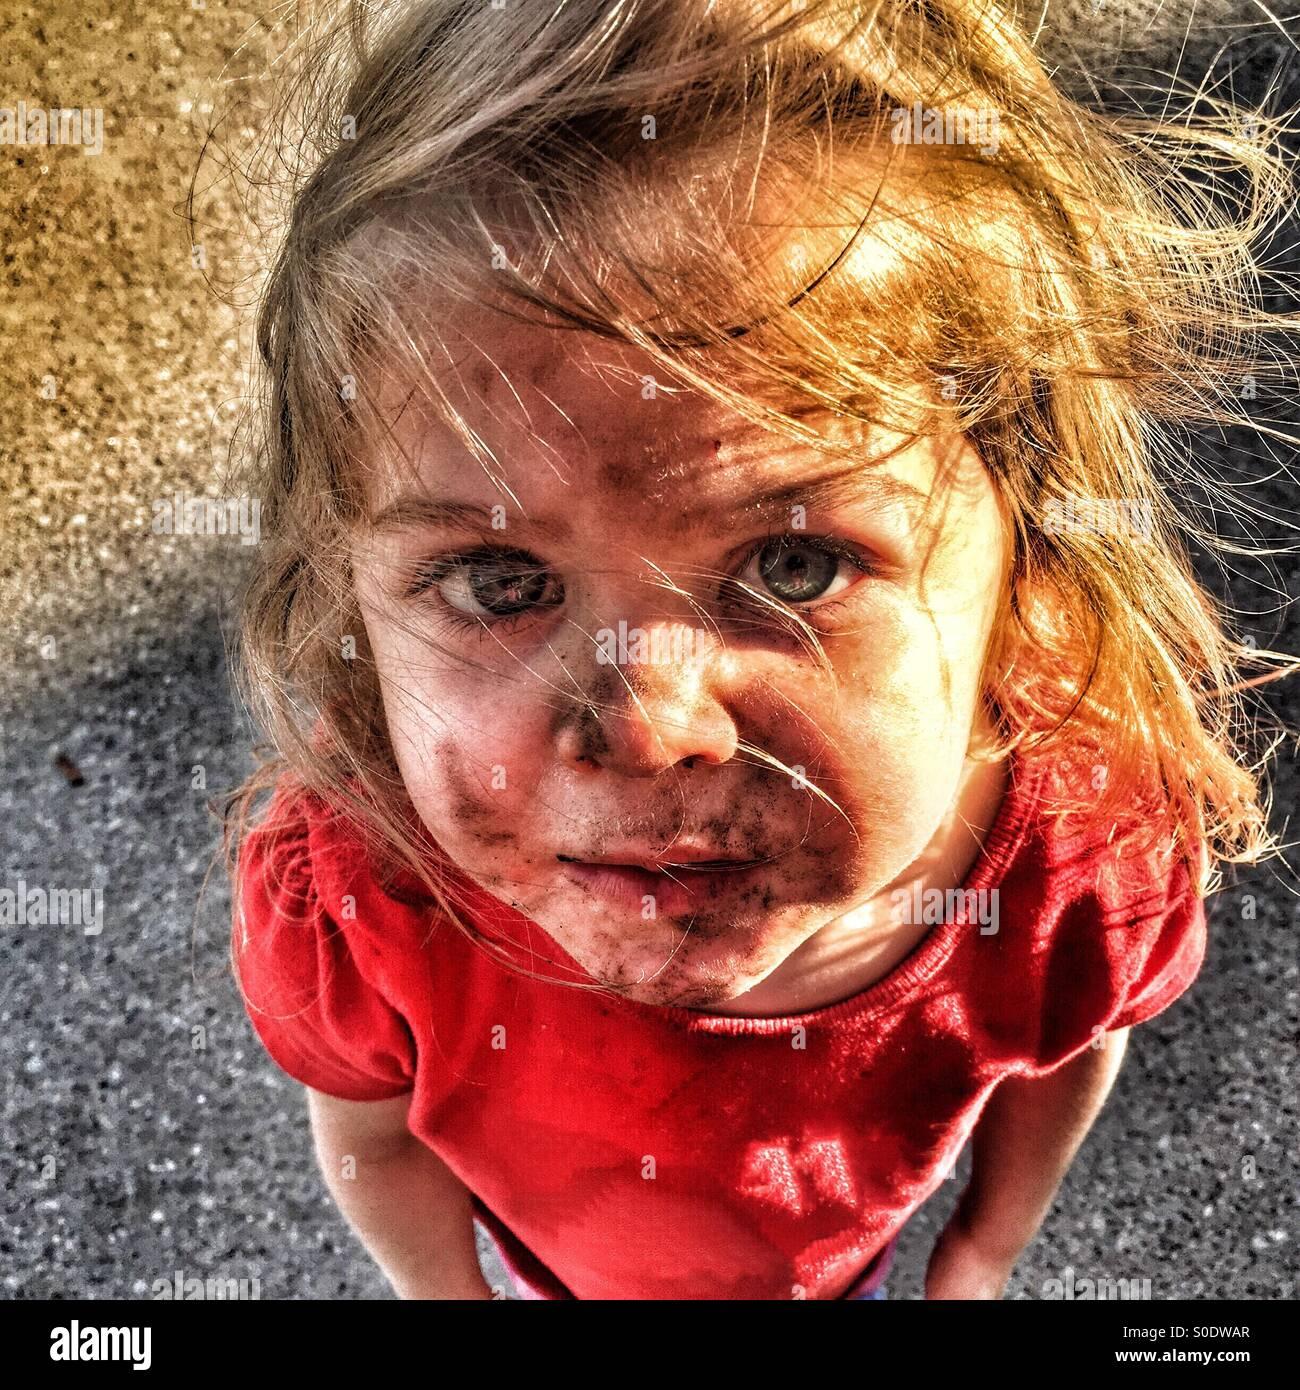 Niño con una cara sucia y el cabello alborotado mirando hacia arriba Imagen De Stock